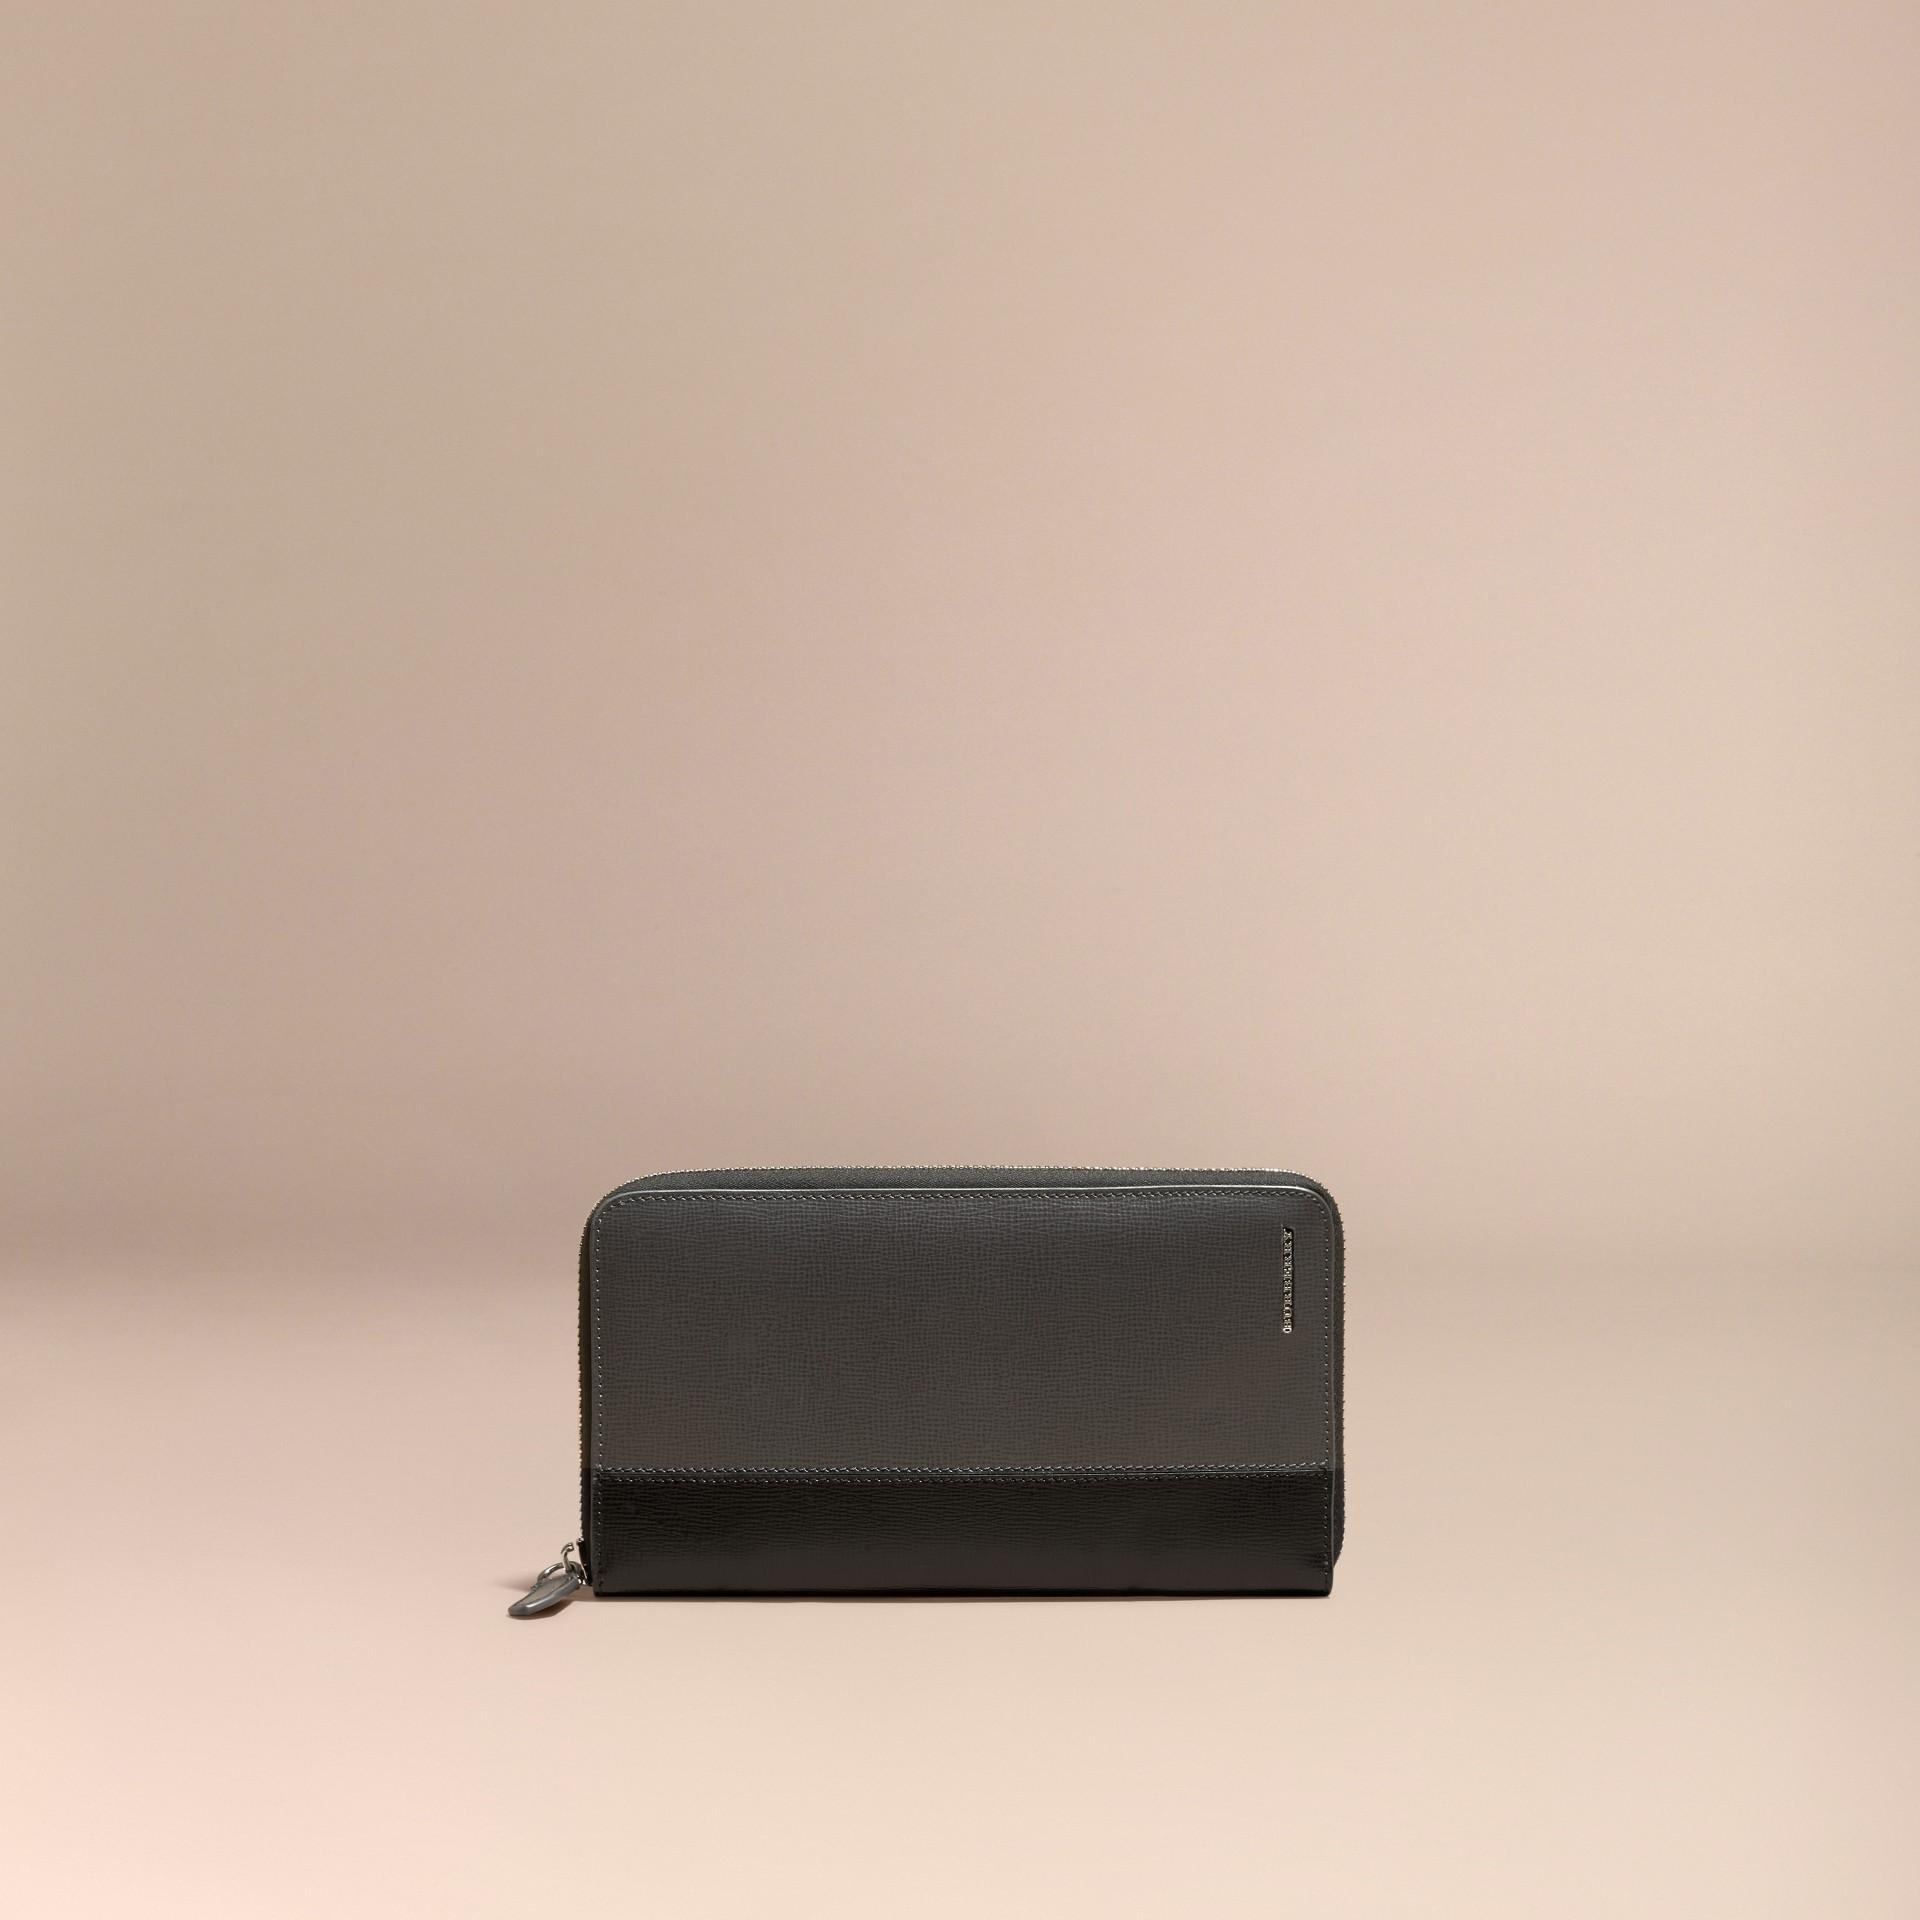 炭灰色/黑色 拼色 London 皮革環繞式拉鍊皮夾 炭灰色/黑色 - 圖庫照片 6